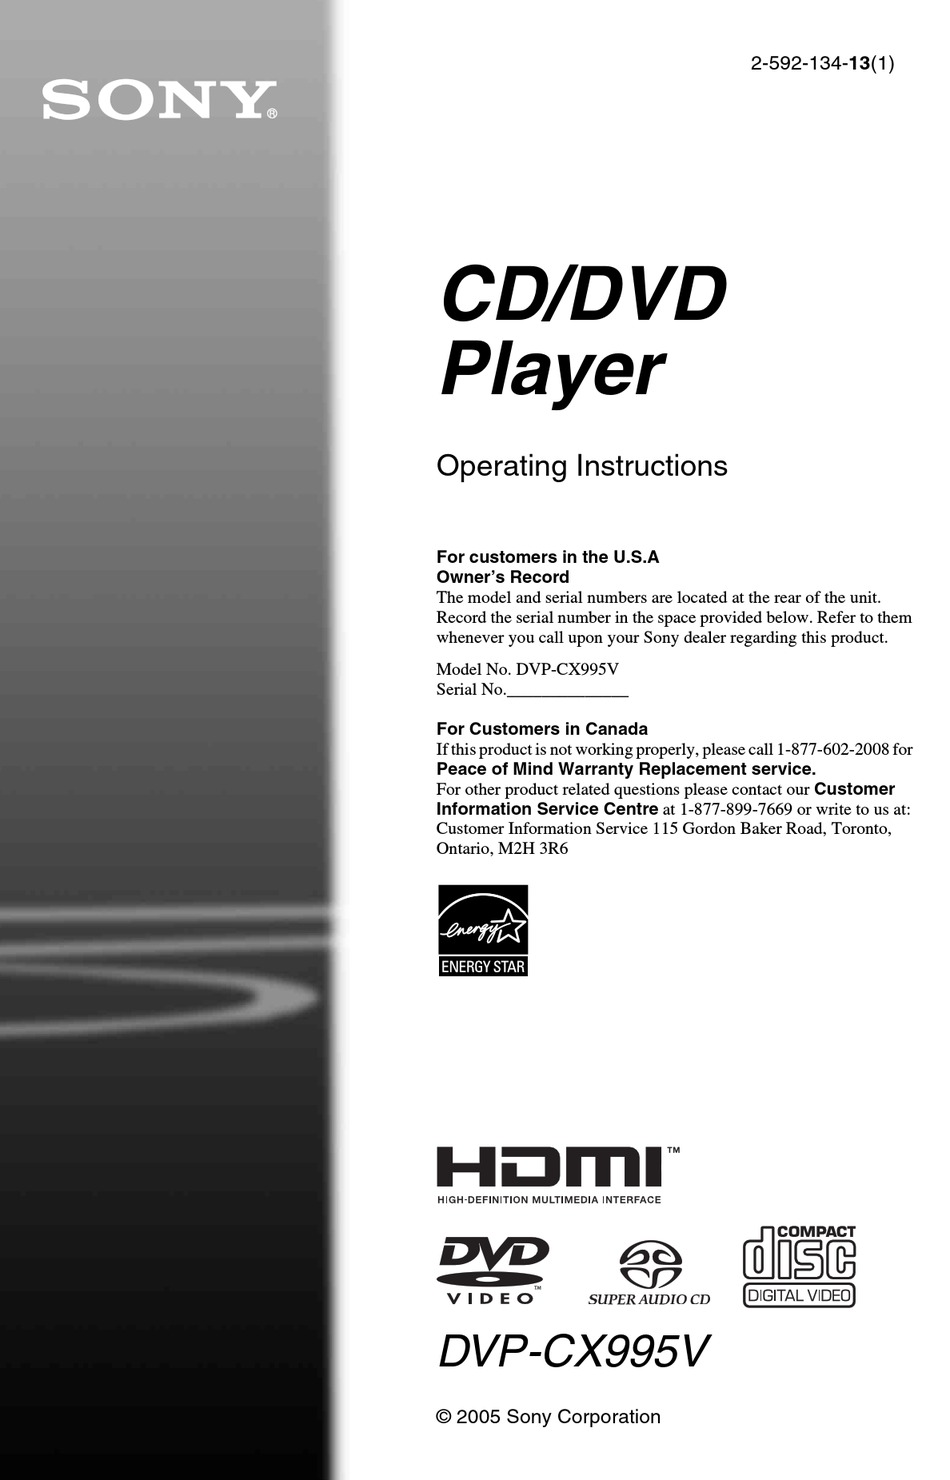 Sony Dvp Cx995v Operating Instructions Dvp Cx995v Cd Dvd Player Operating Instructions Manual Pdf Download Manualslib